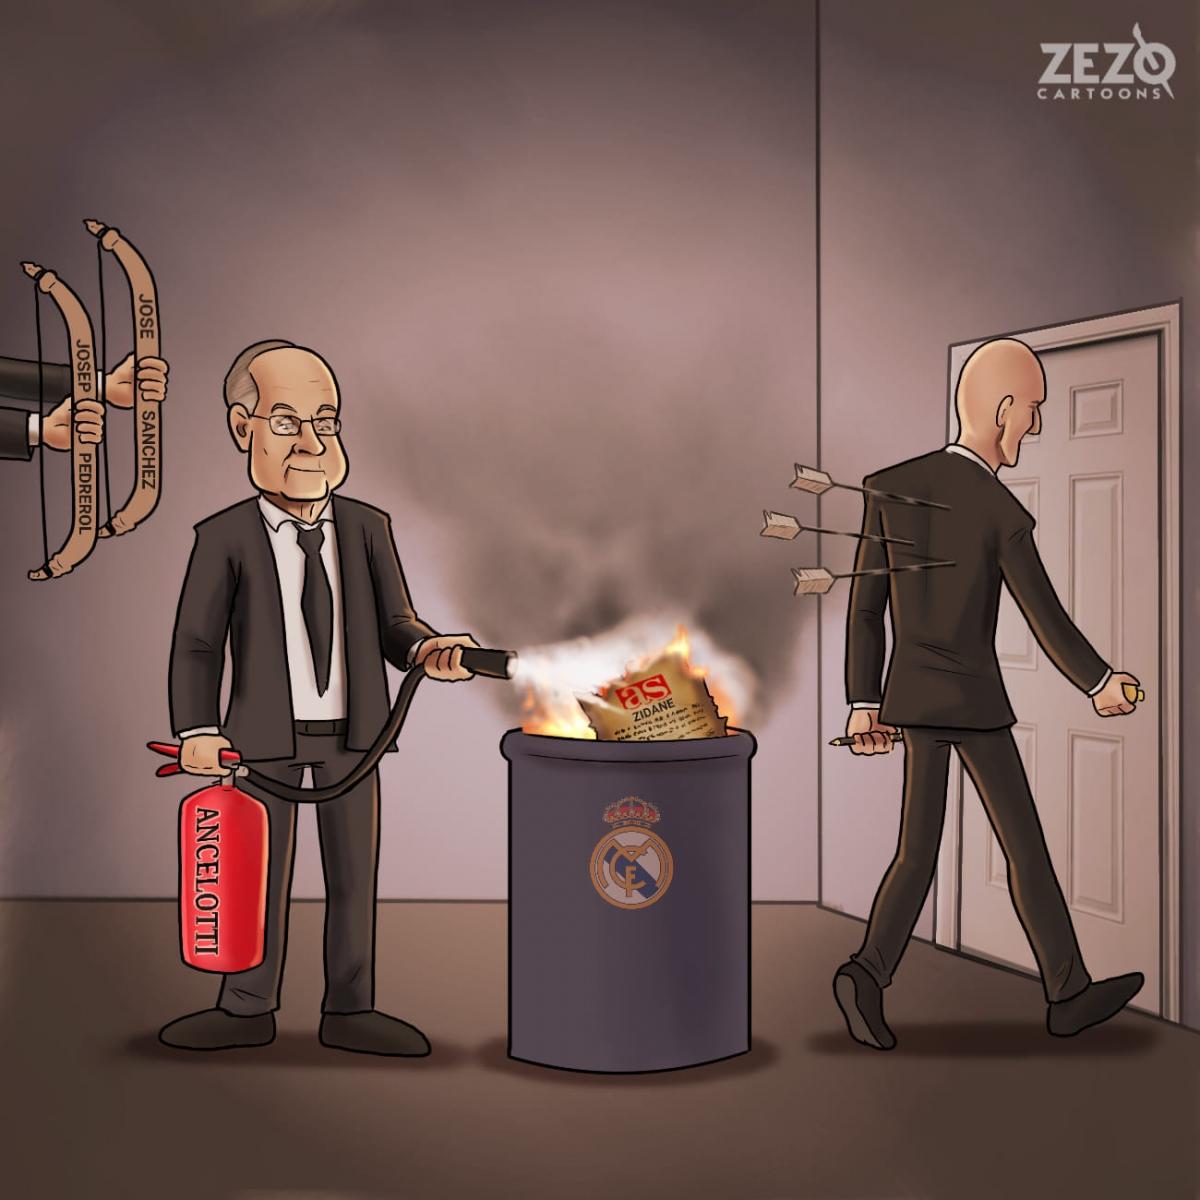 """HLV Zidane rời Real Madrid, Chủ tịch Perez """"chữa cháy"""" bằng HLV Ancelotti. (Ảnh: Zezo Cartoons)."""